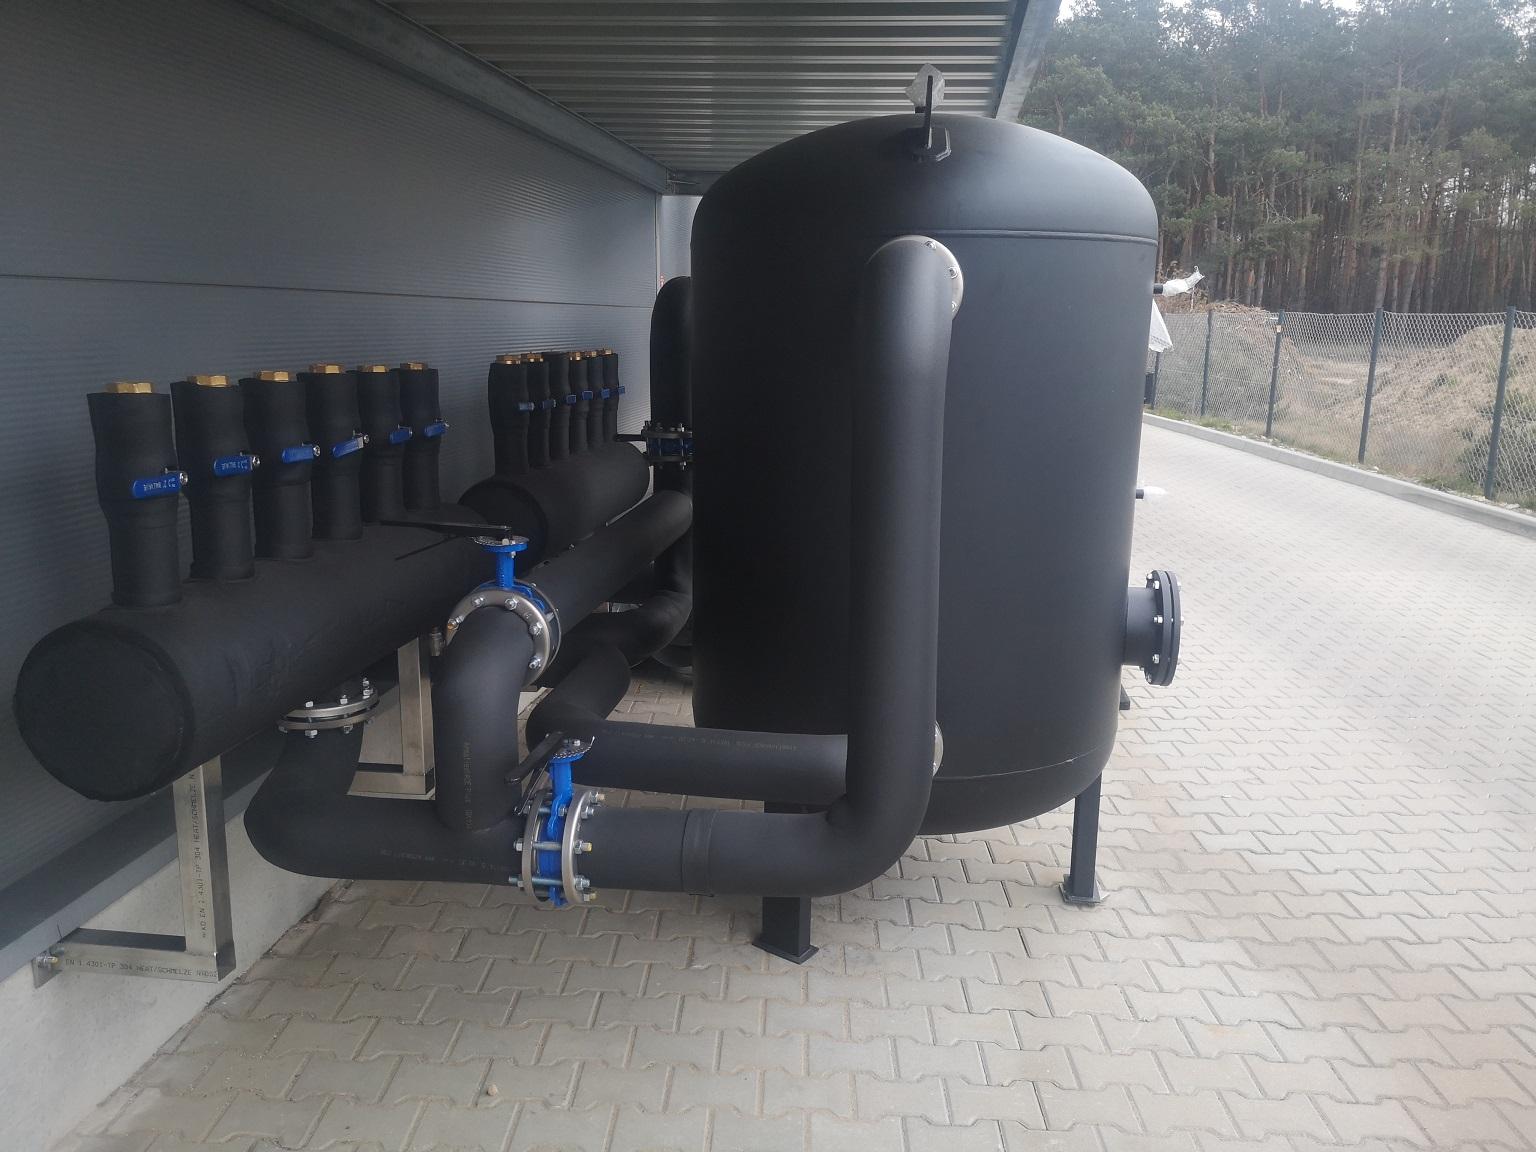 instalacja-chlodzenia-maszyn-produkcyjnych-w-przemysle-wytwarzajacym-opakowania-spozywcze